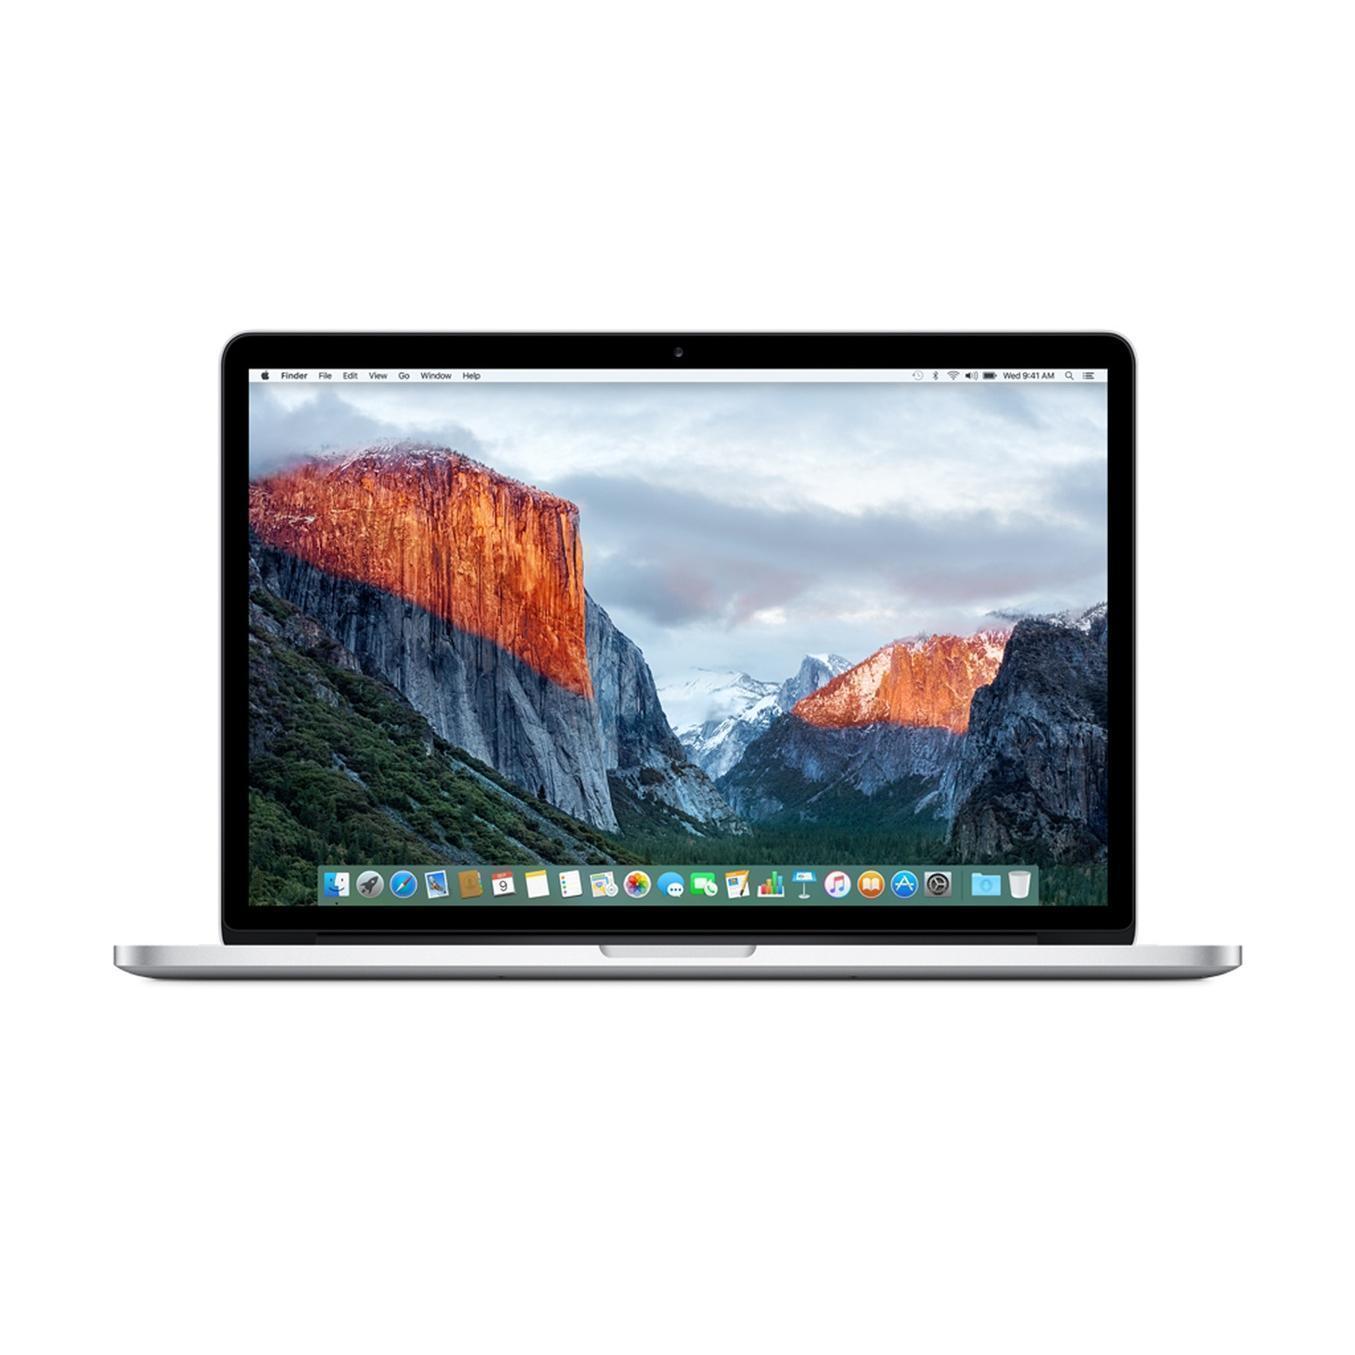 MacBook Pro Retina 15,4-tum (2013) - Core i7 - 8GB - SSD 500 GB QWERTY - Italienska